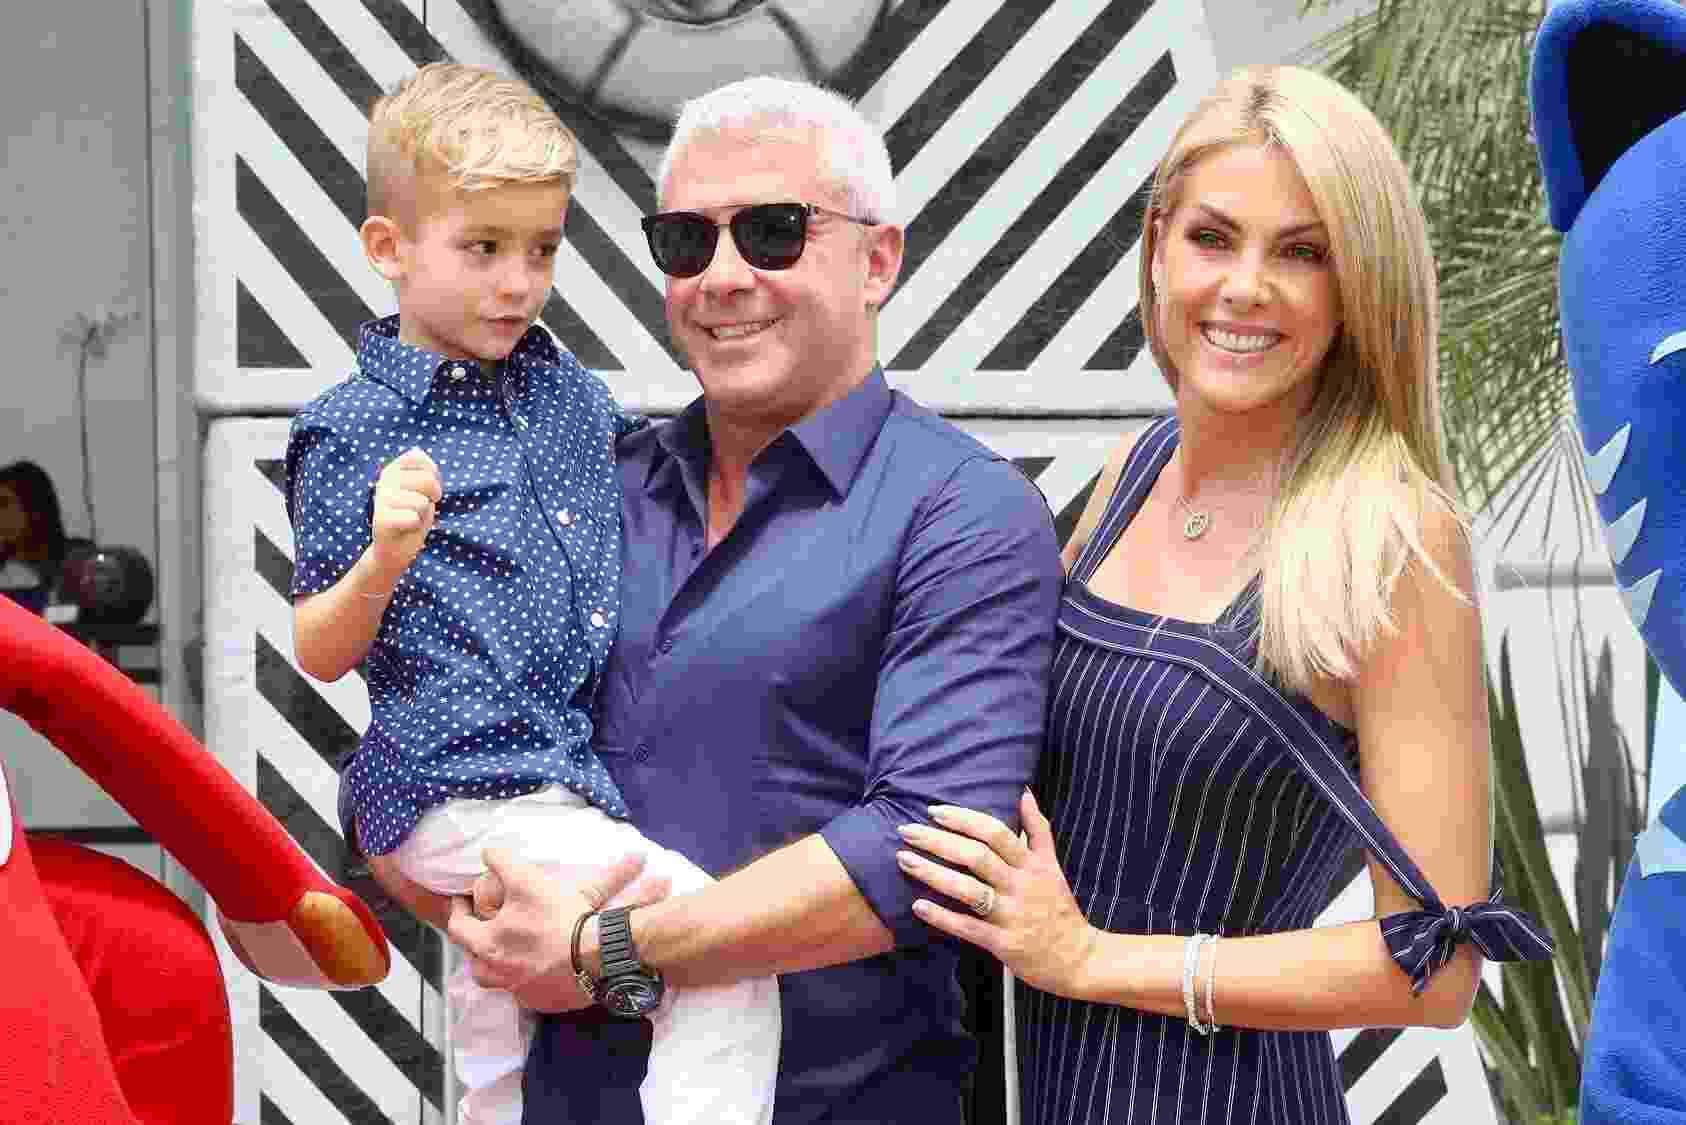 Ana Hickmann e o marido, Alexandre Corrêa, comemoraram o aniversário do filho em um buffet no bairro de Moema, São Paulo - Manuela Scarpa/Brazil News